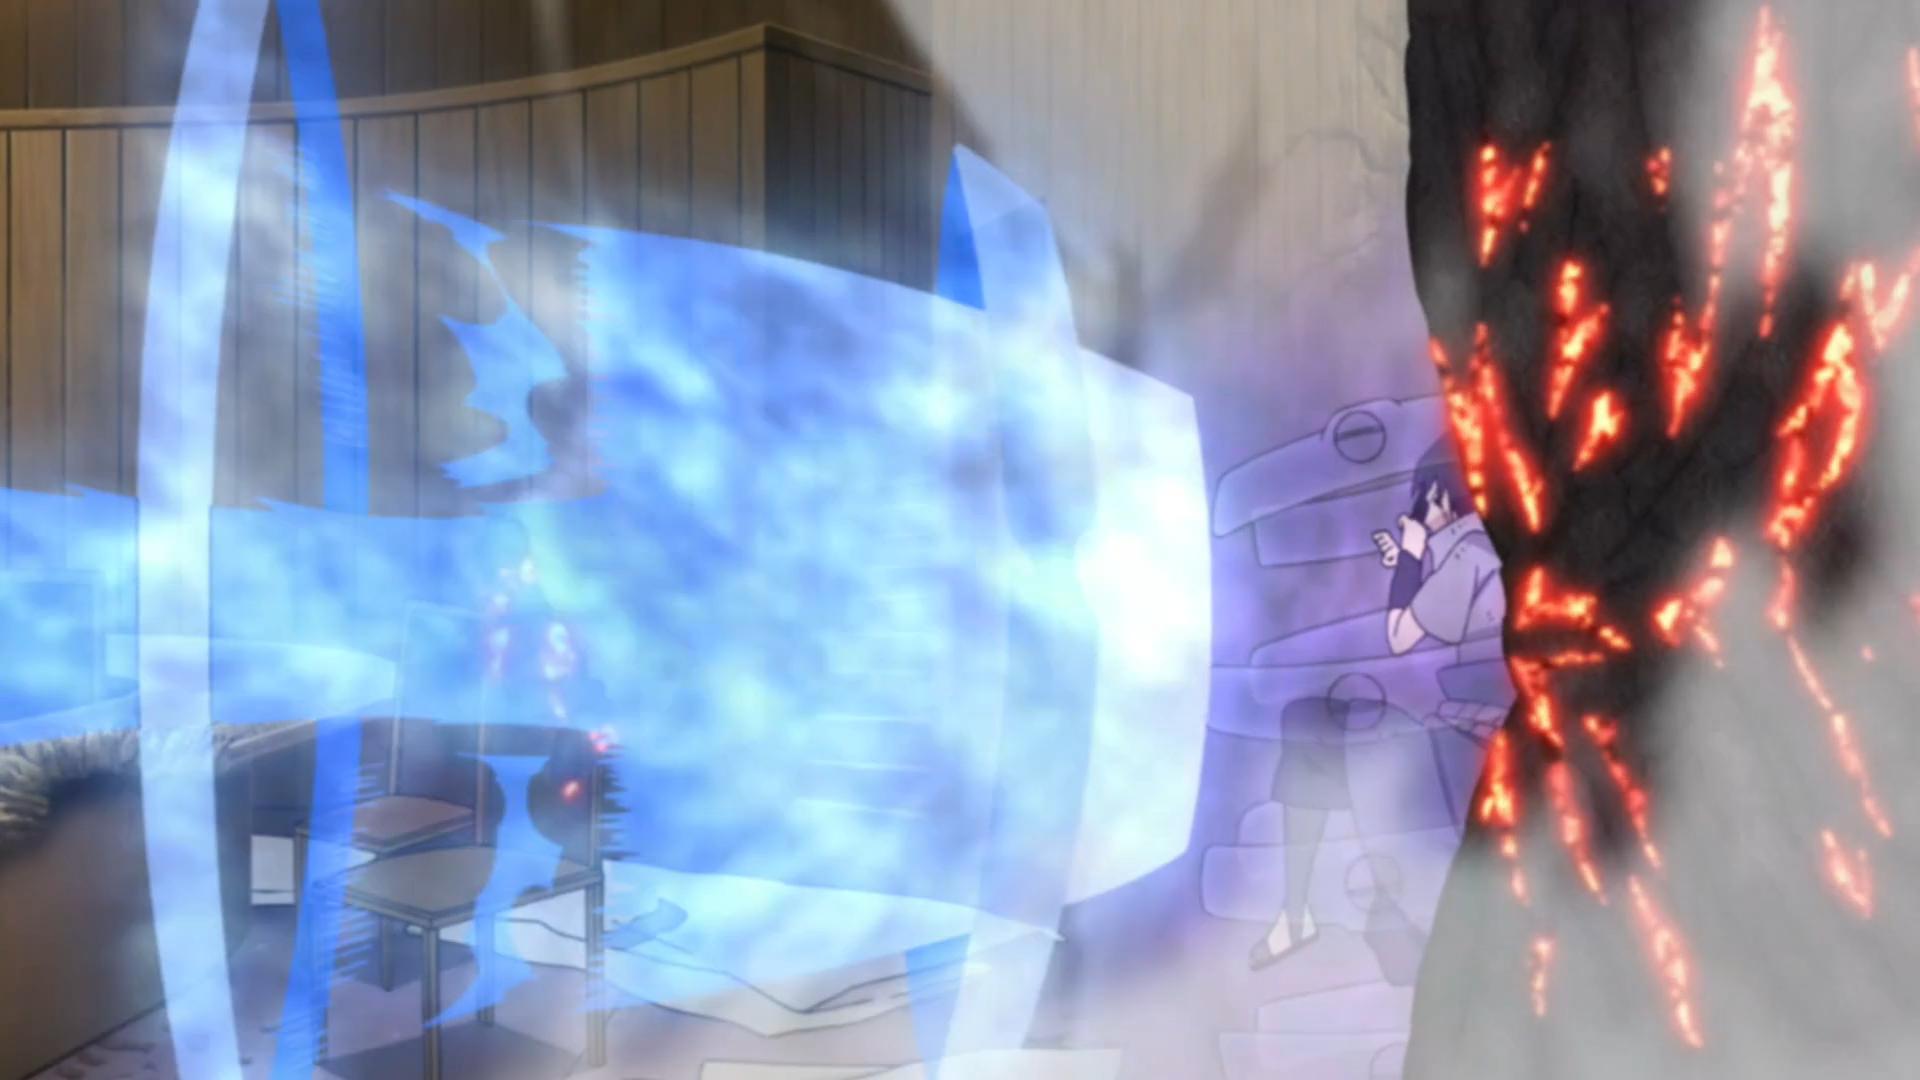 Fil:Chōjūrō attacks Sasuke.png